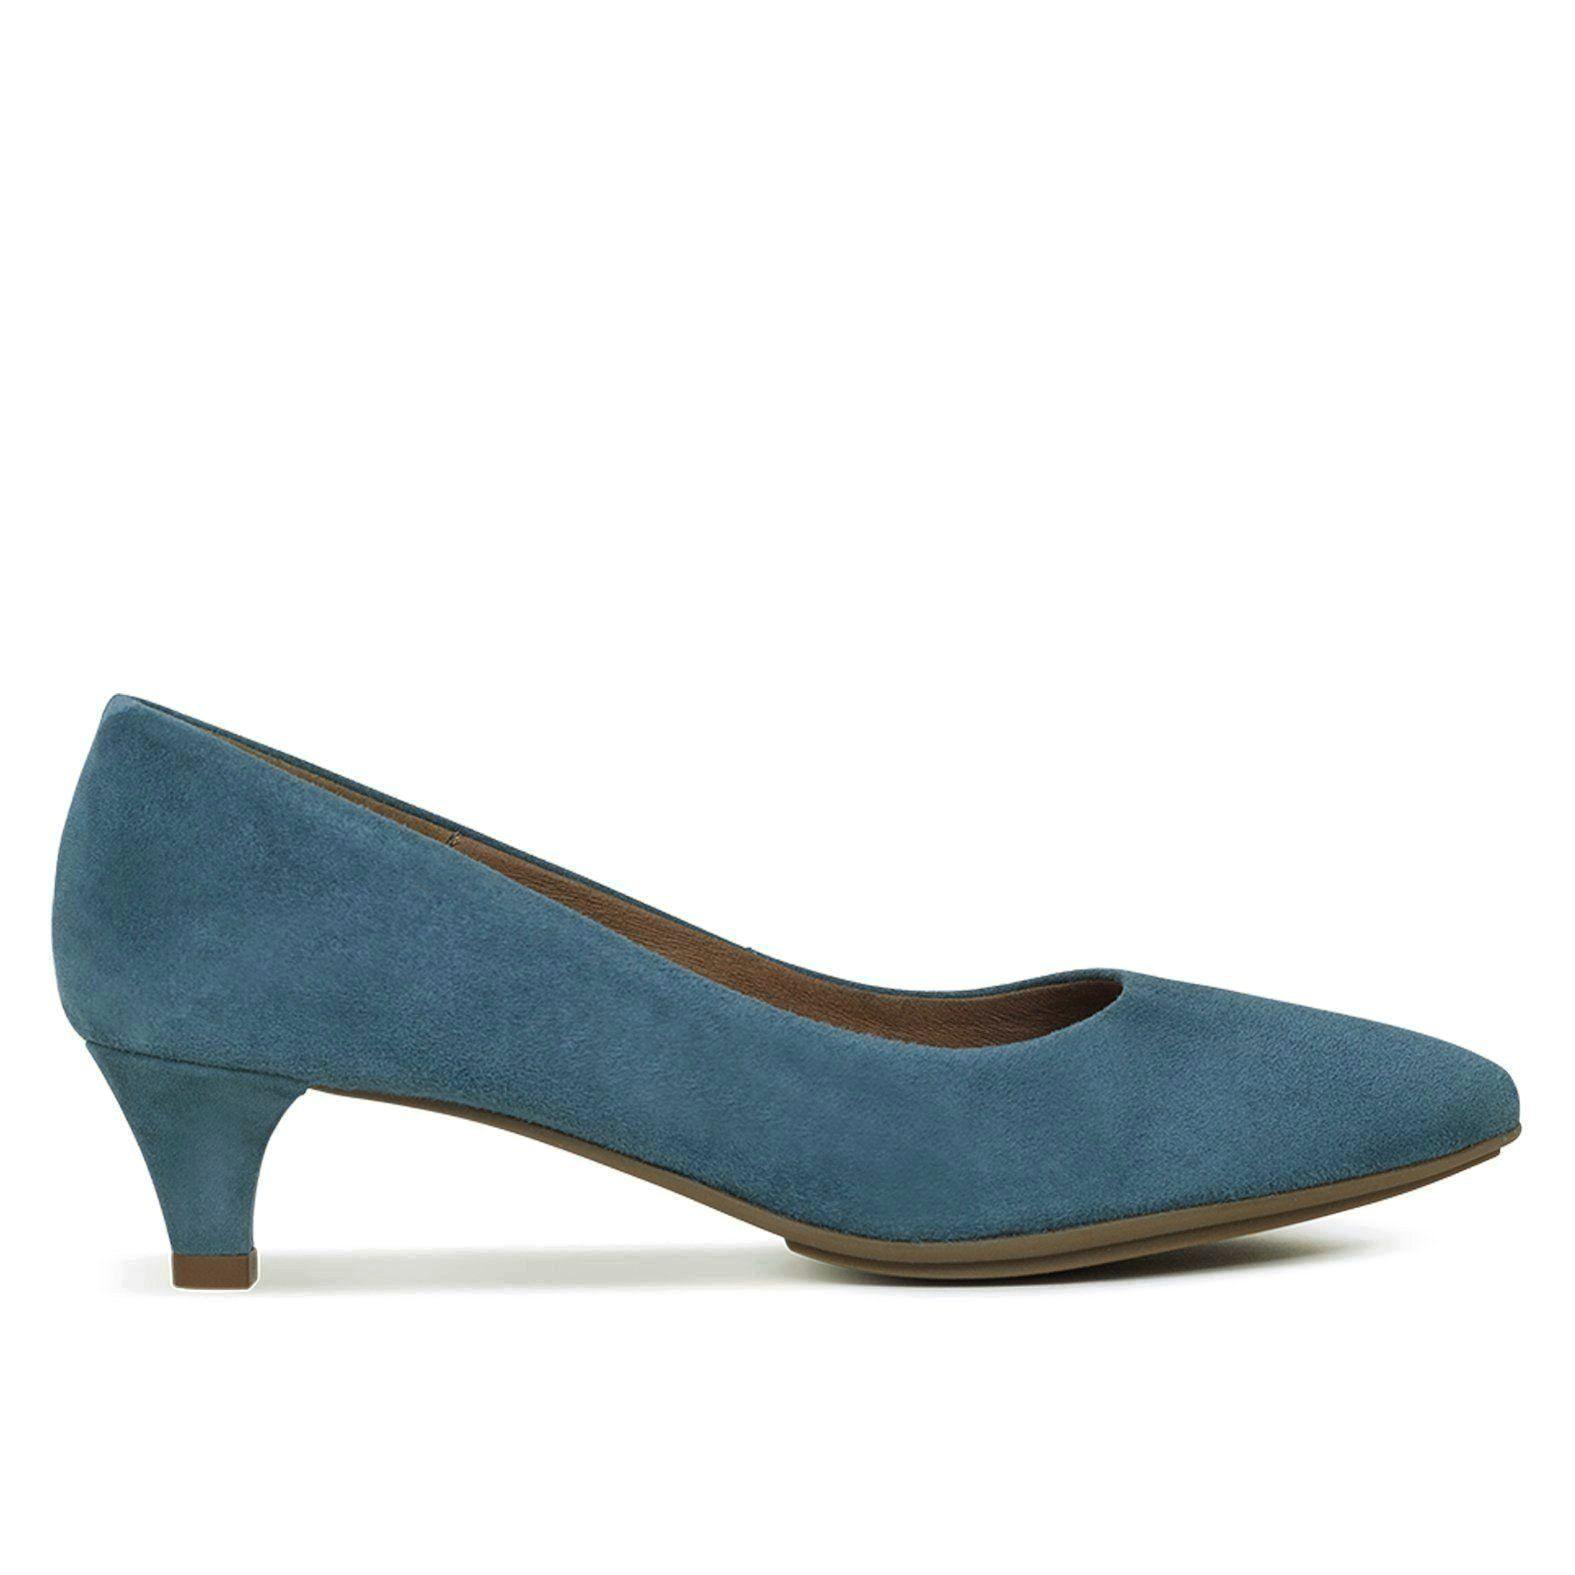 URBAN KITTEN Zapatos de mujer stilettos AZUL PETRÓLEO